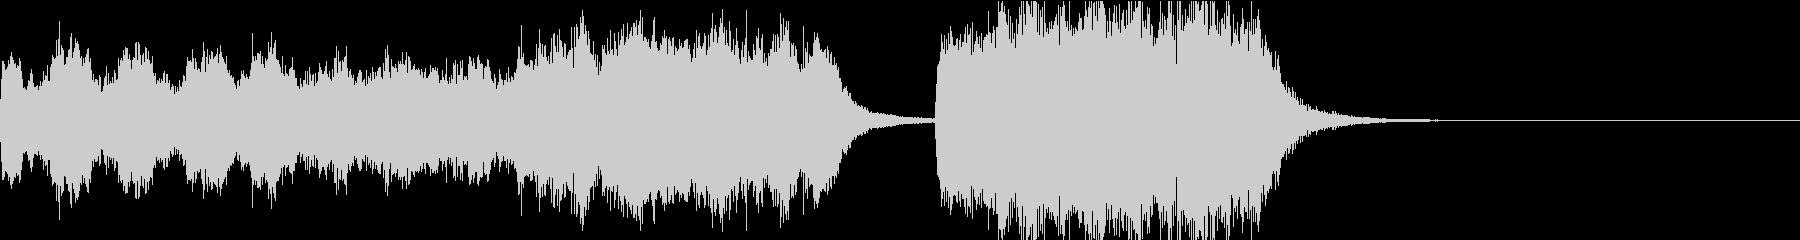 オーケストラによるコミカルなジングルの未再生の波形